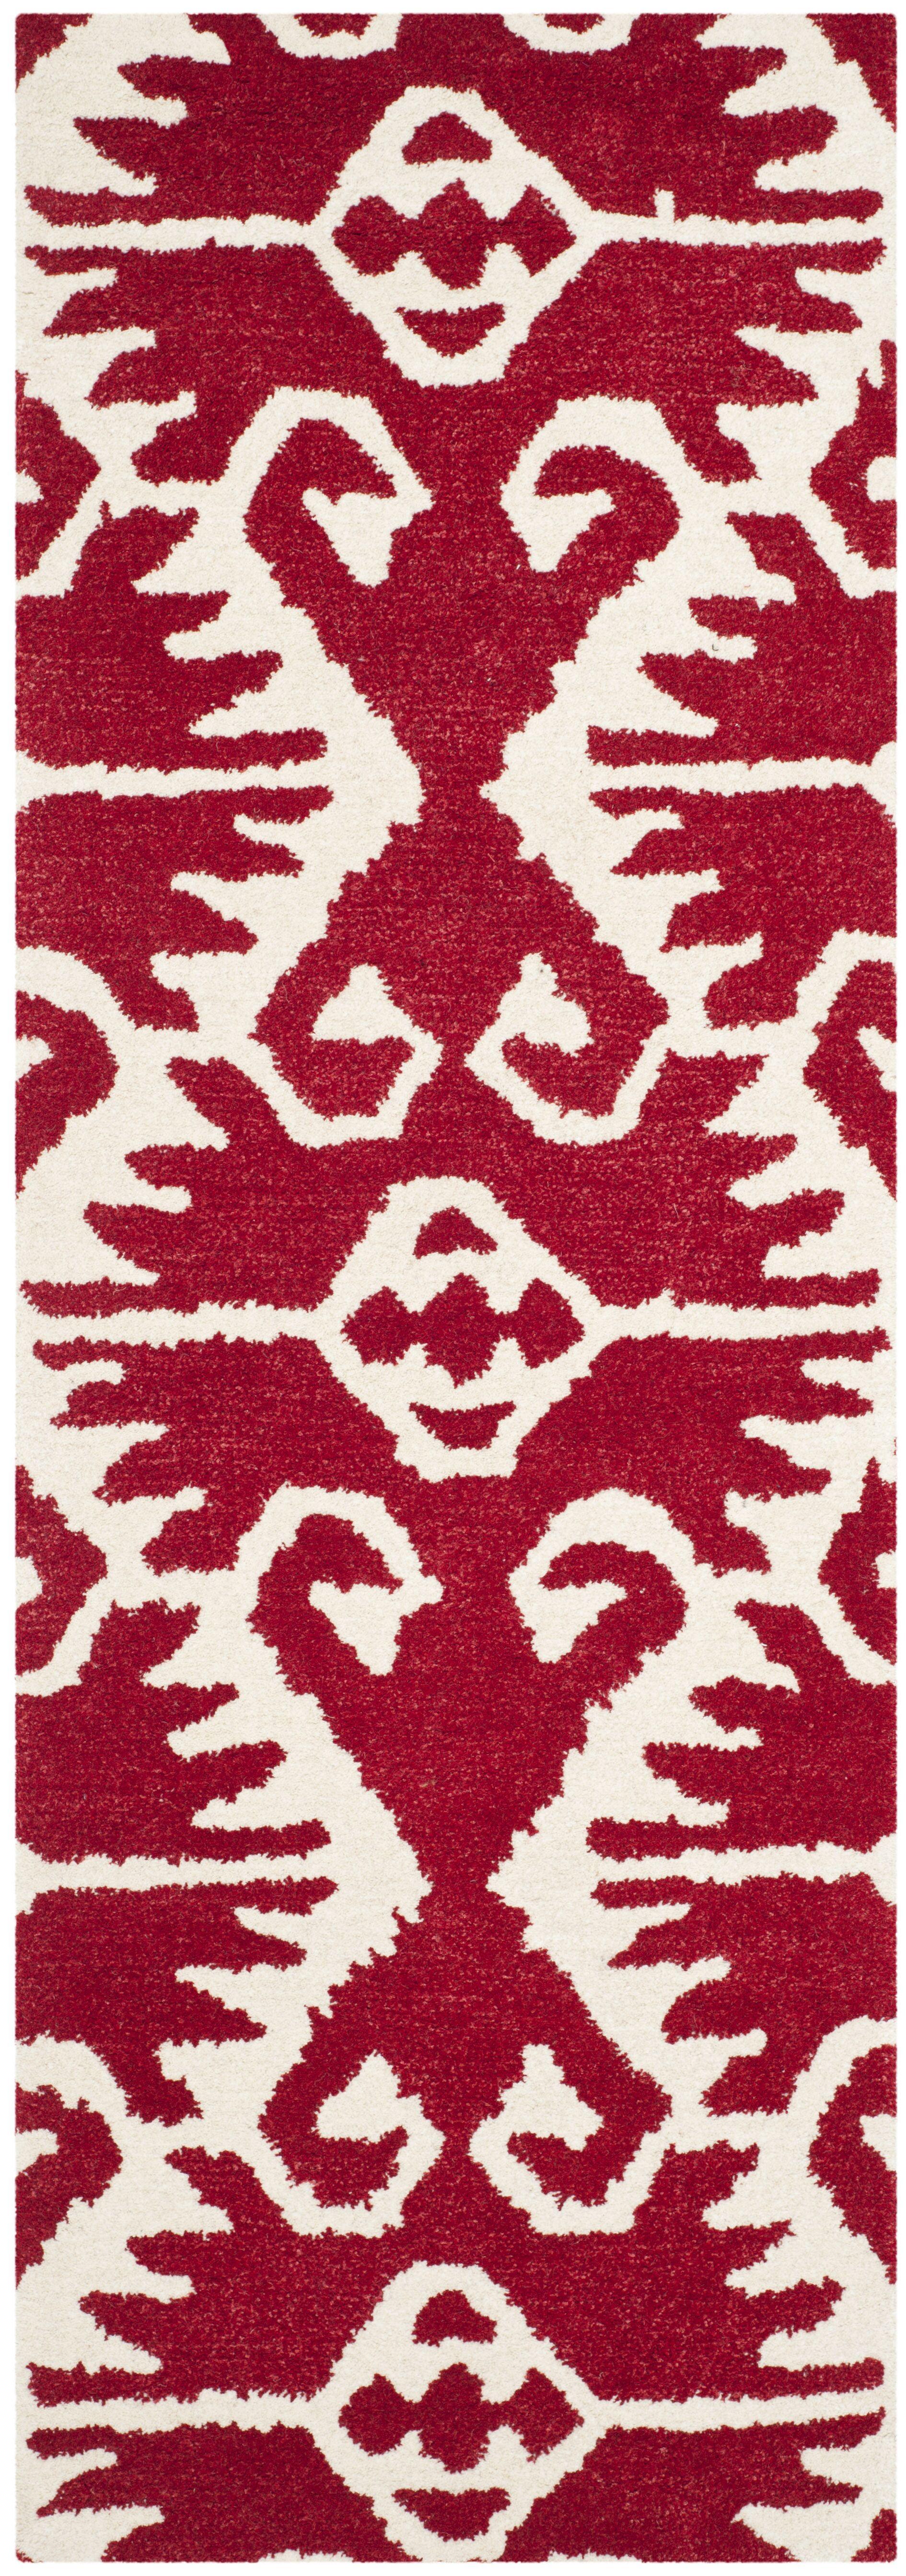 Kouerga Red Area Rug Rug Size: Runner 2'3